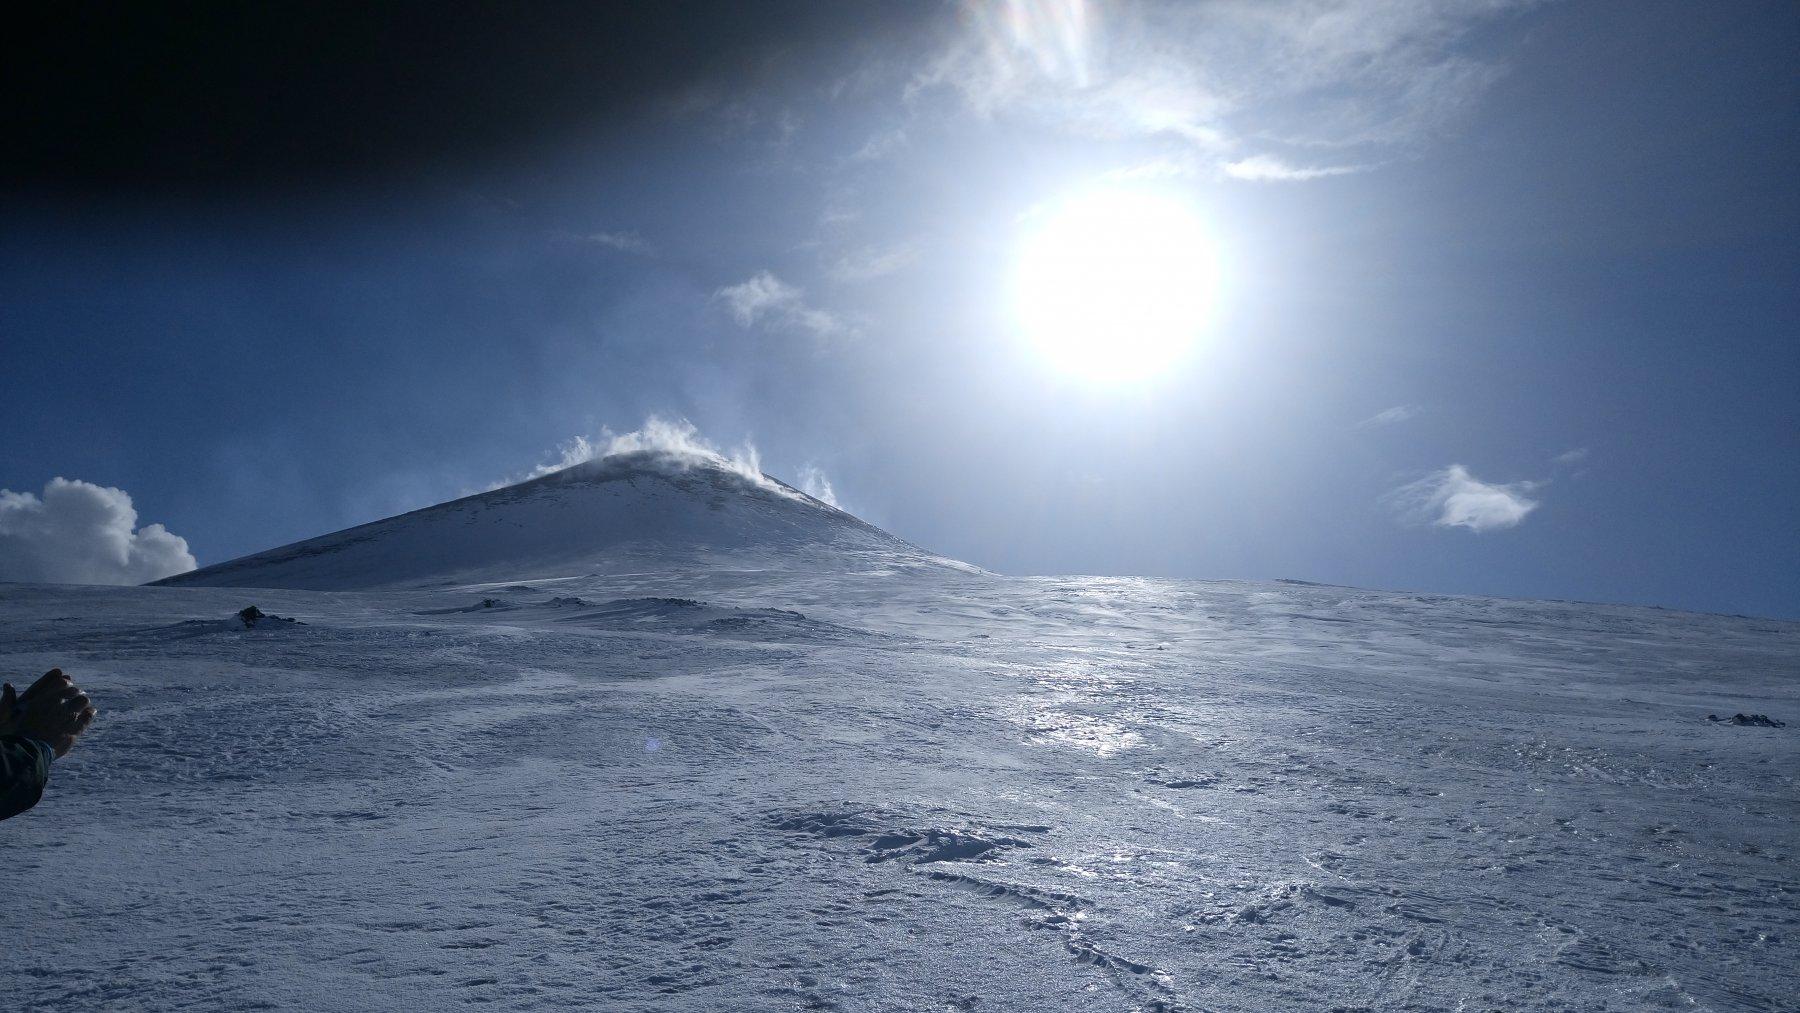 Il vulcano in baciato dal ☀